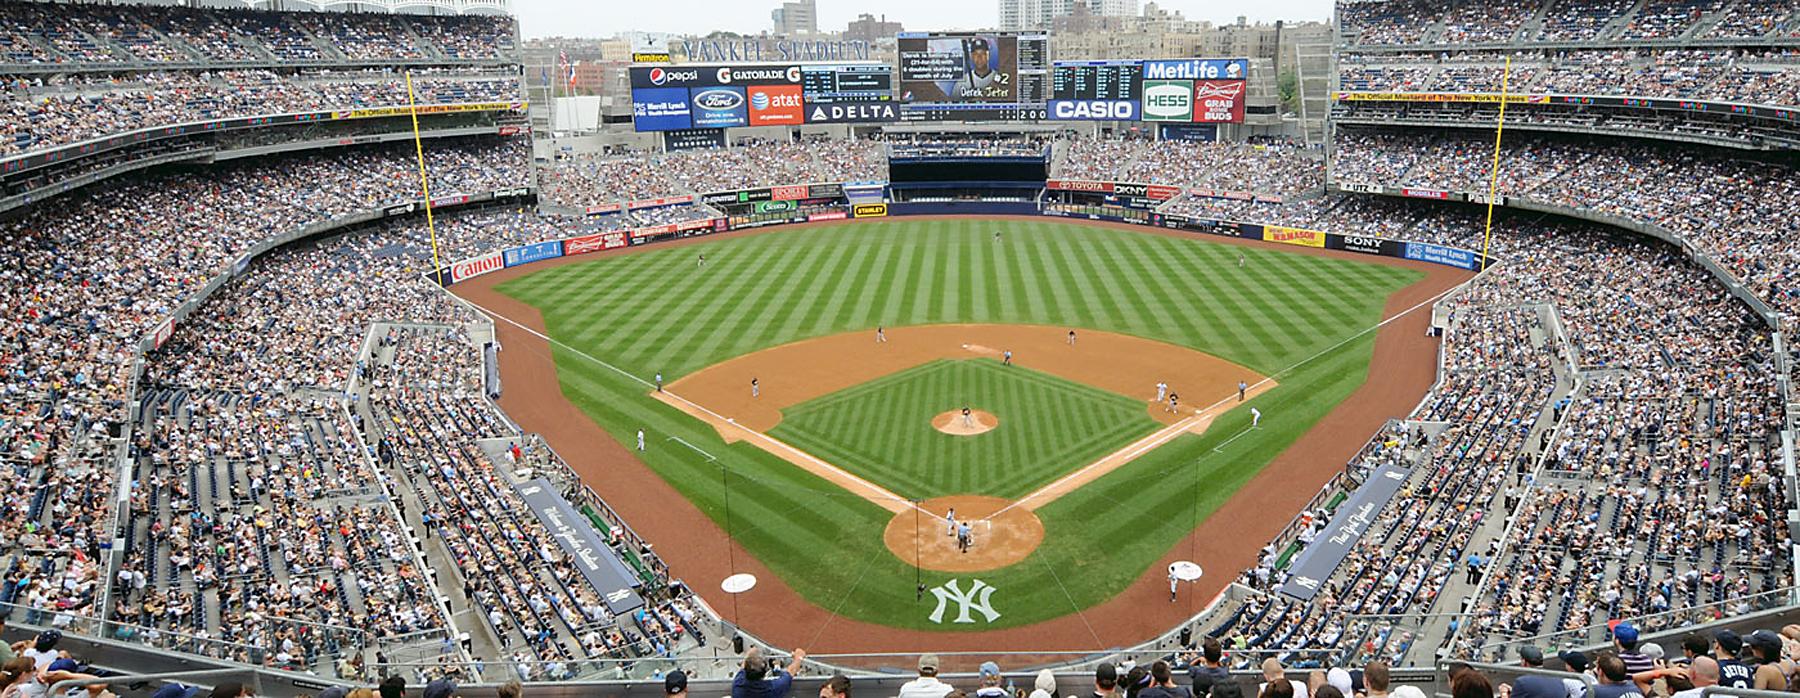 Mlb American League Background Yankee Stadium Panorama